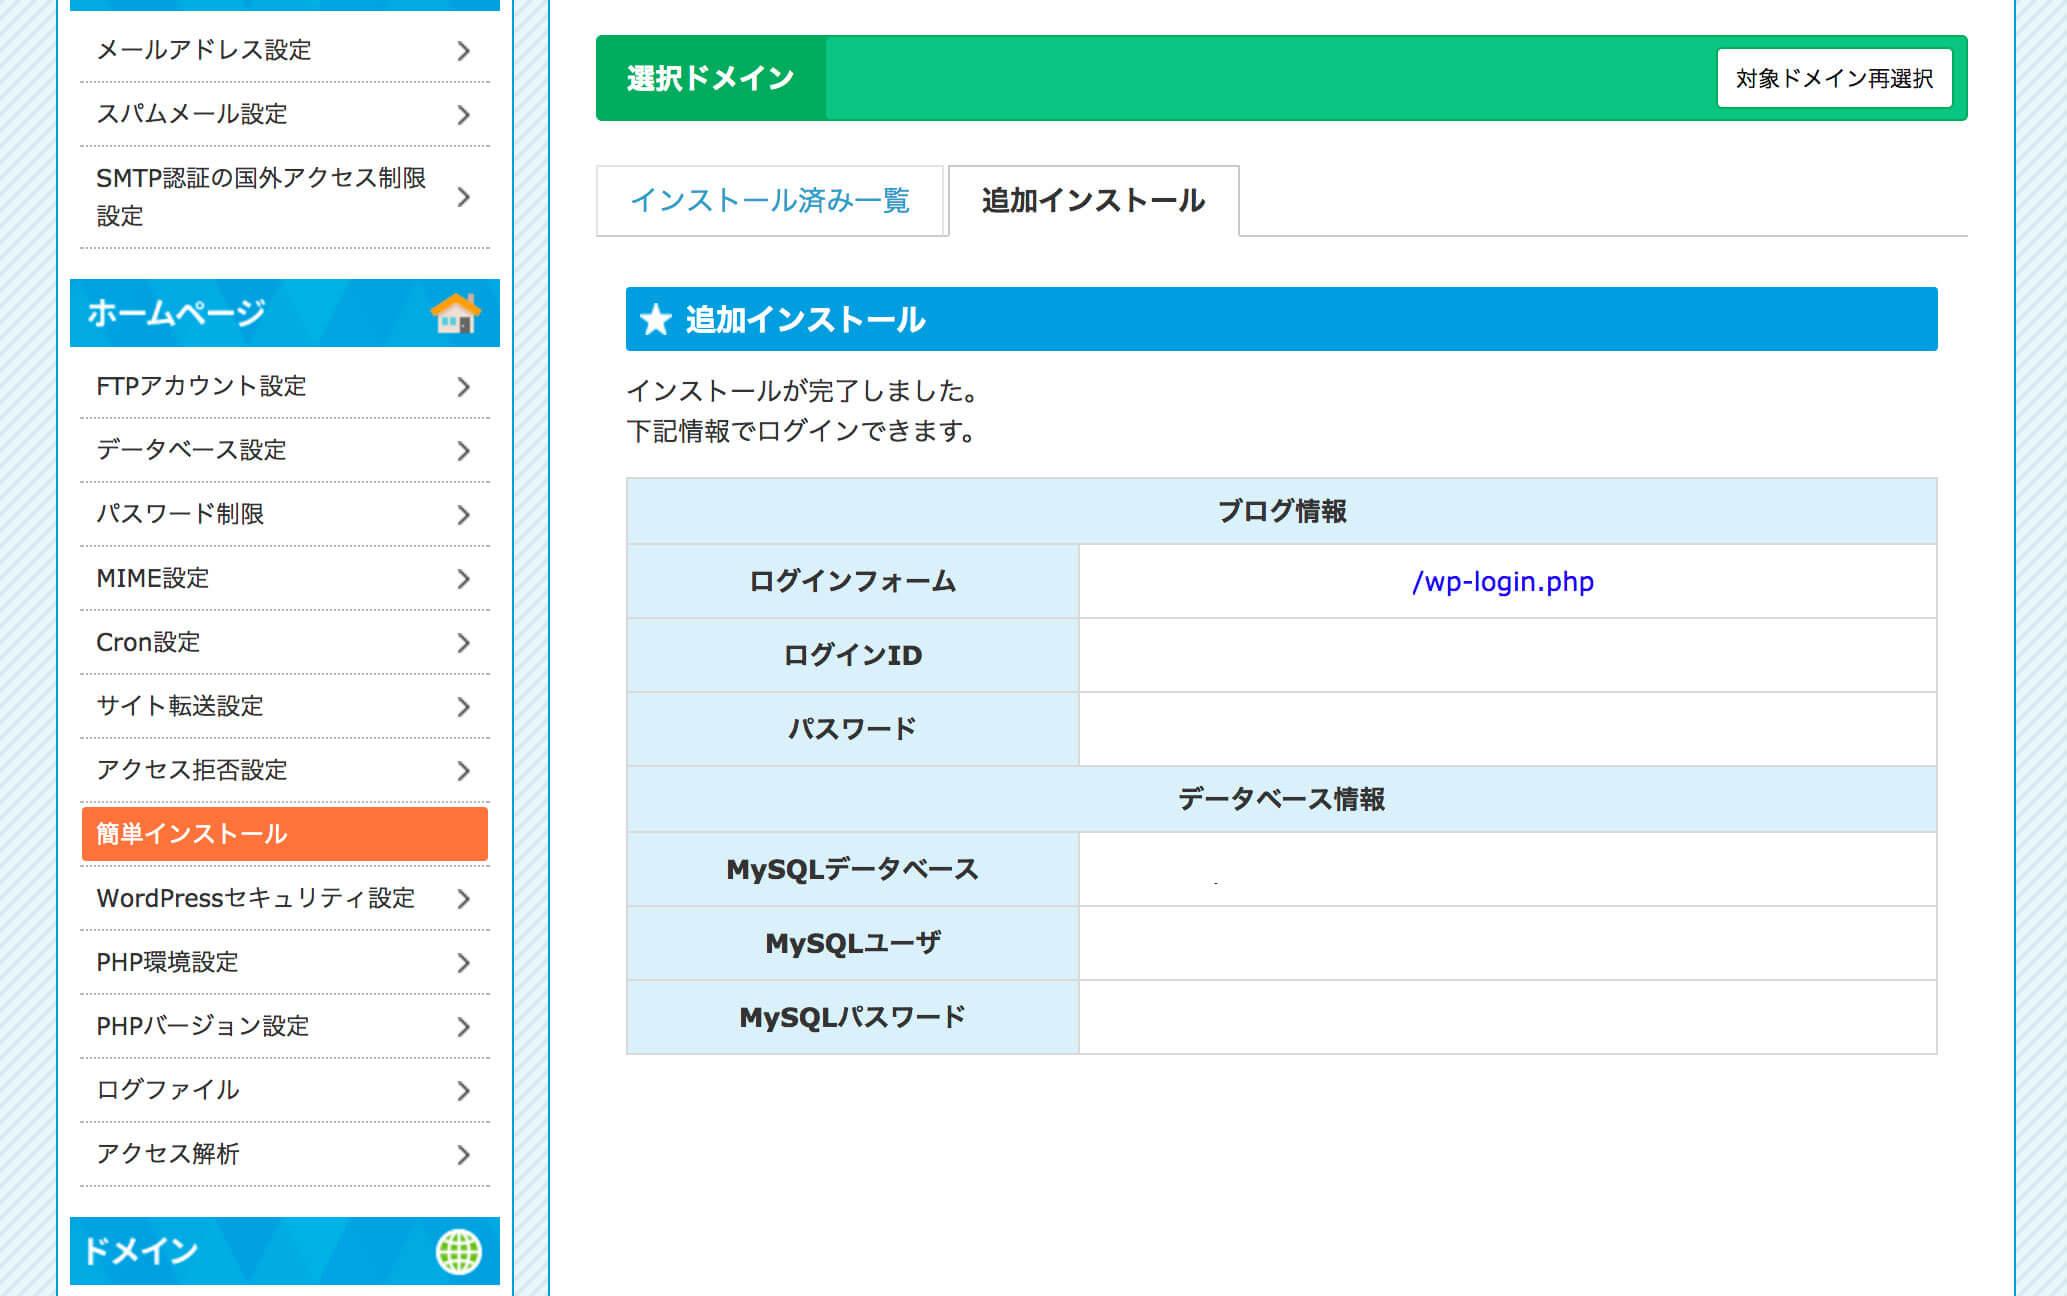 ここまででWordPressのインストールは完了です。設定が完了するとWordPressの管理画面のアドレスやID、パスワードが表示されるのでスクリーンショット等で画面を保存しておきましょう。